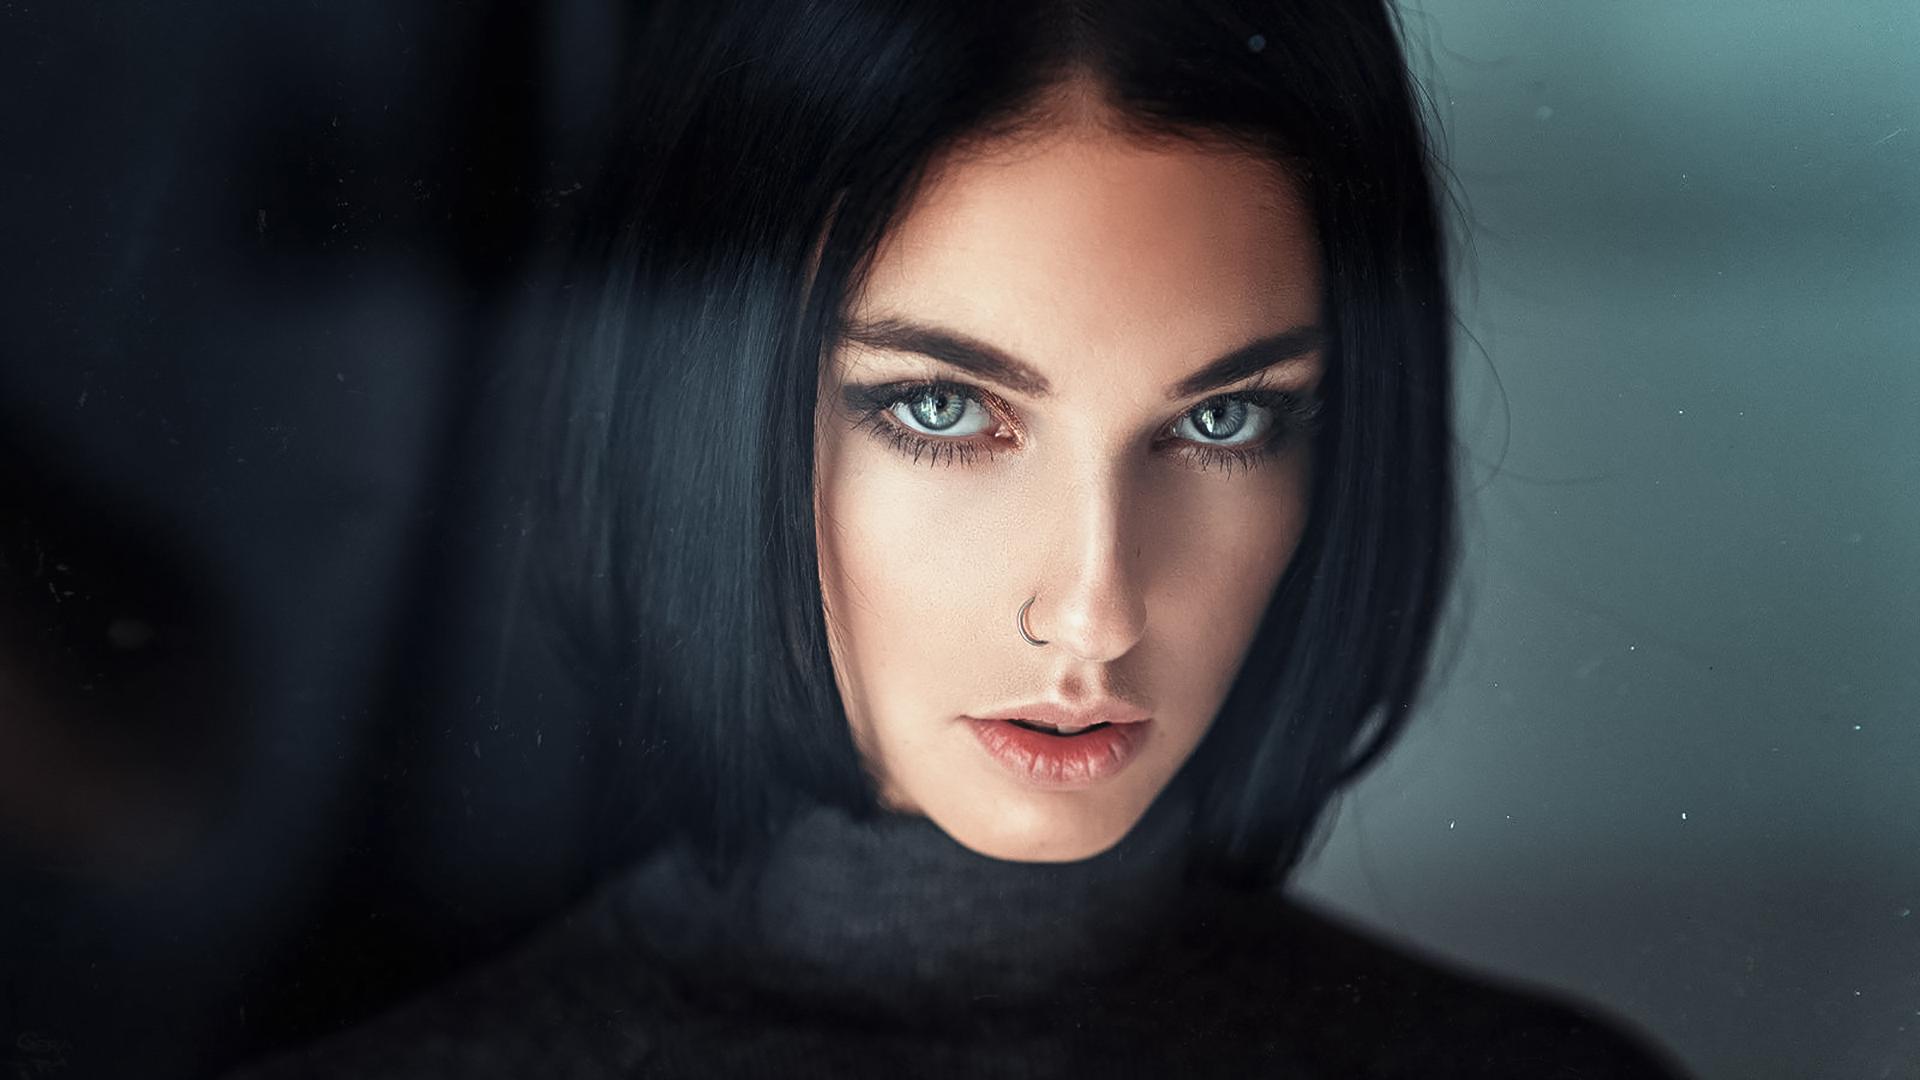 девушка милая лицо взгляд брюнетка глаза  № 649043 загрузить